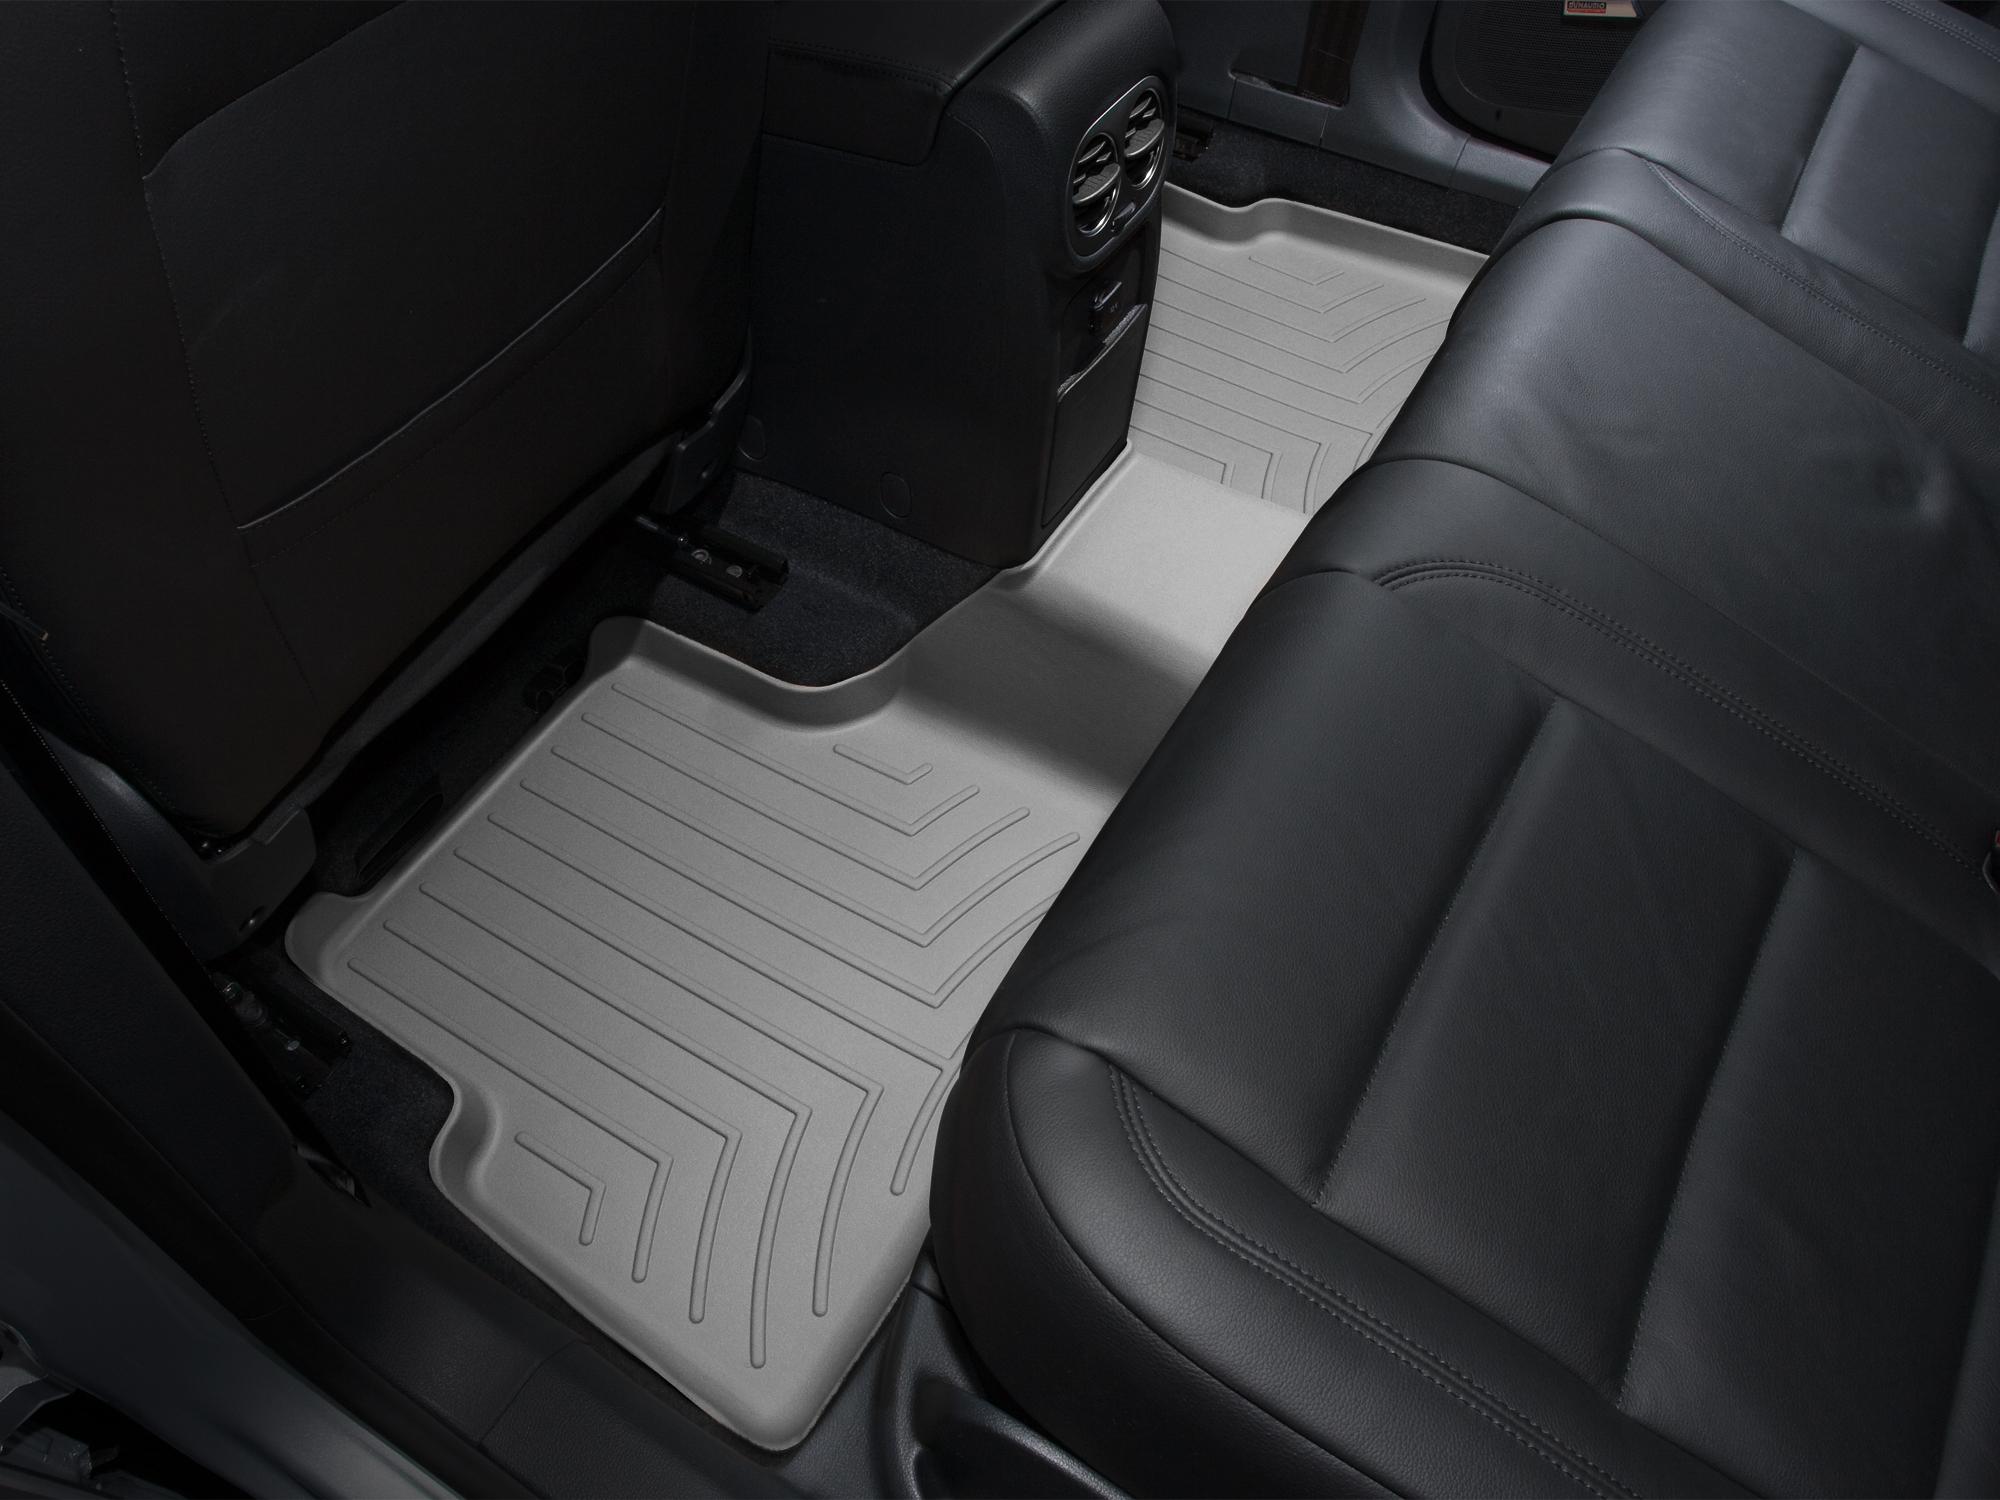 Tappeti gomma su misura bordo alto Volkswagen Tiguan 08>15 Grigio A4262*